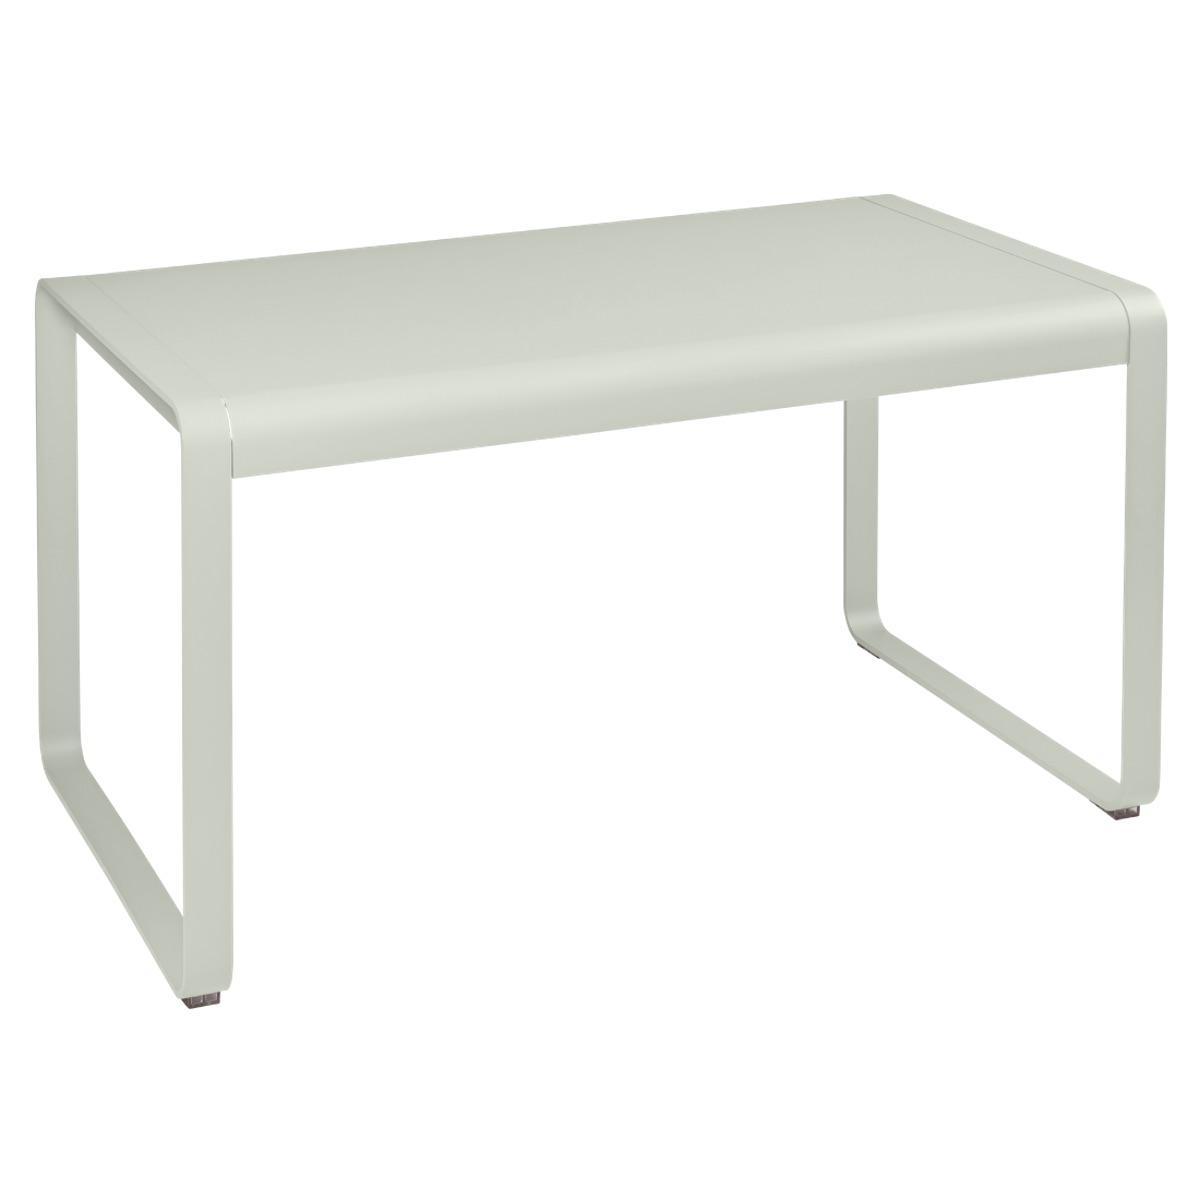 Table de jardin 80x140cm BELLEVIE Fermob gris argile